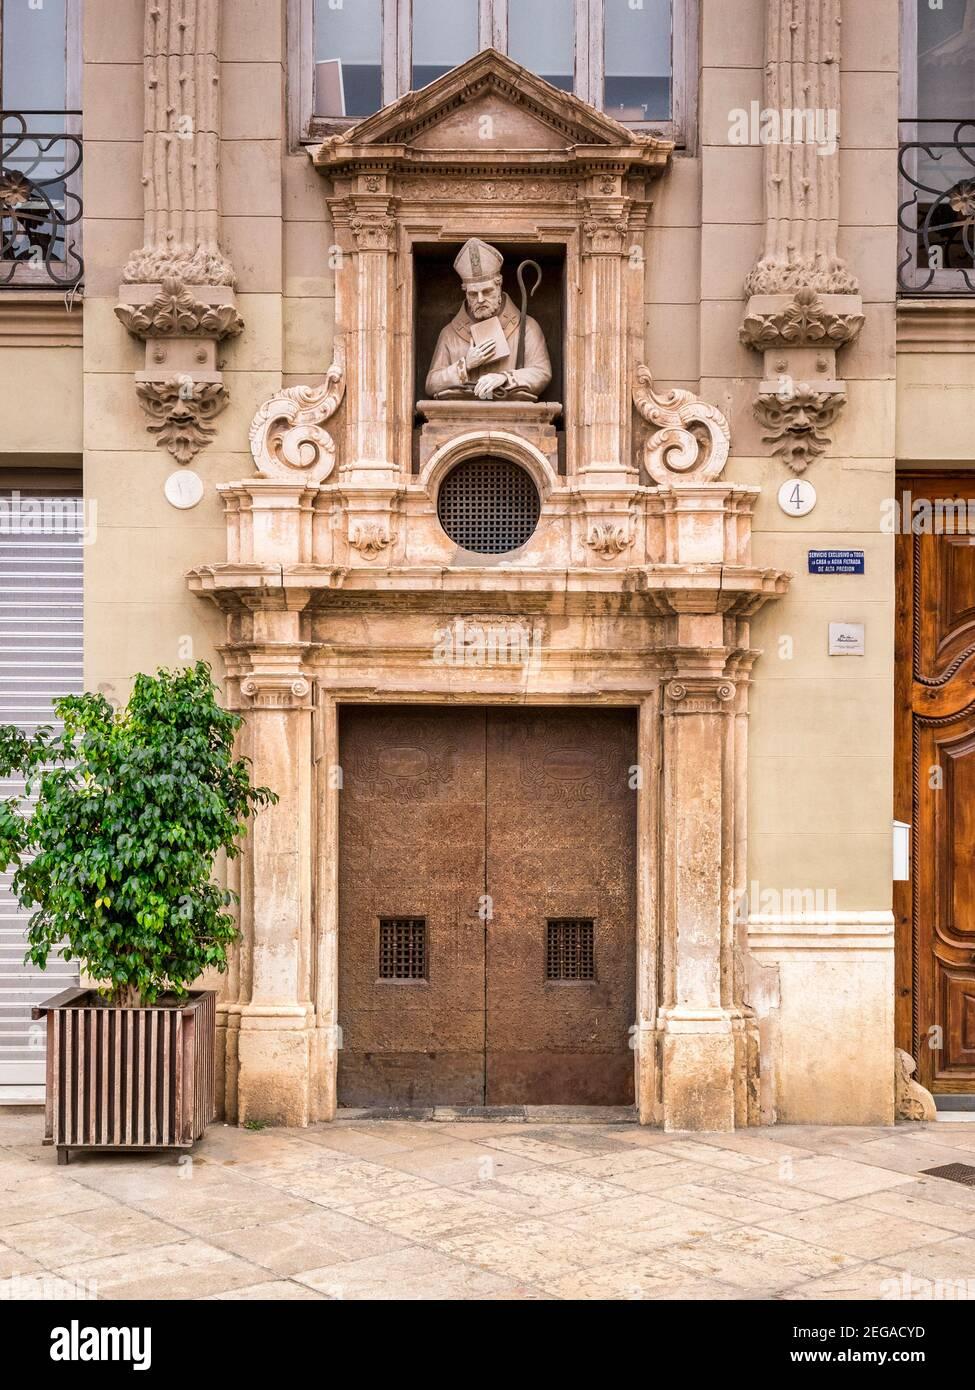 3 de marzo de 2020: Valencia, España - la puerta de la Capilla de San Valero, Valencia. Foto de stock